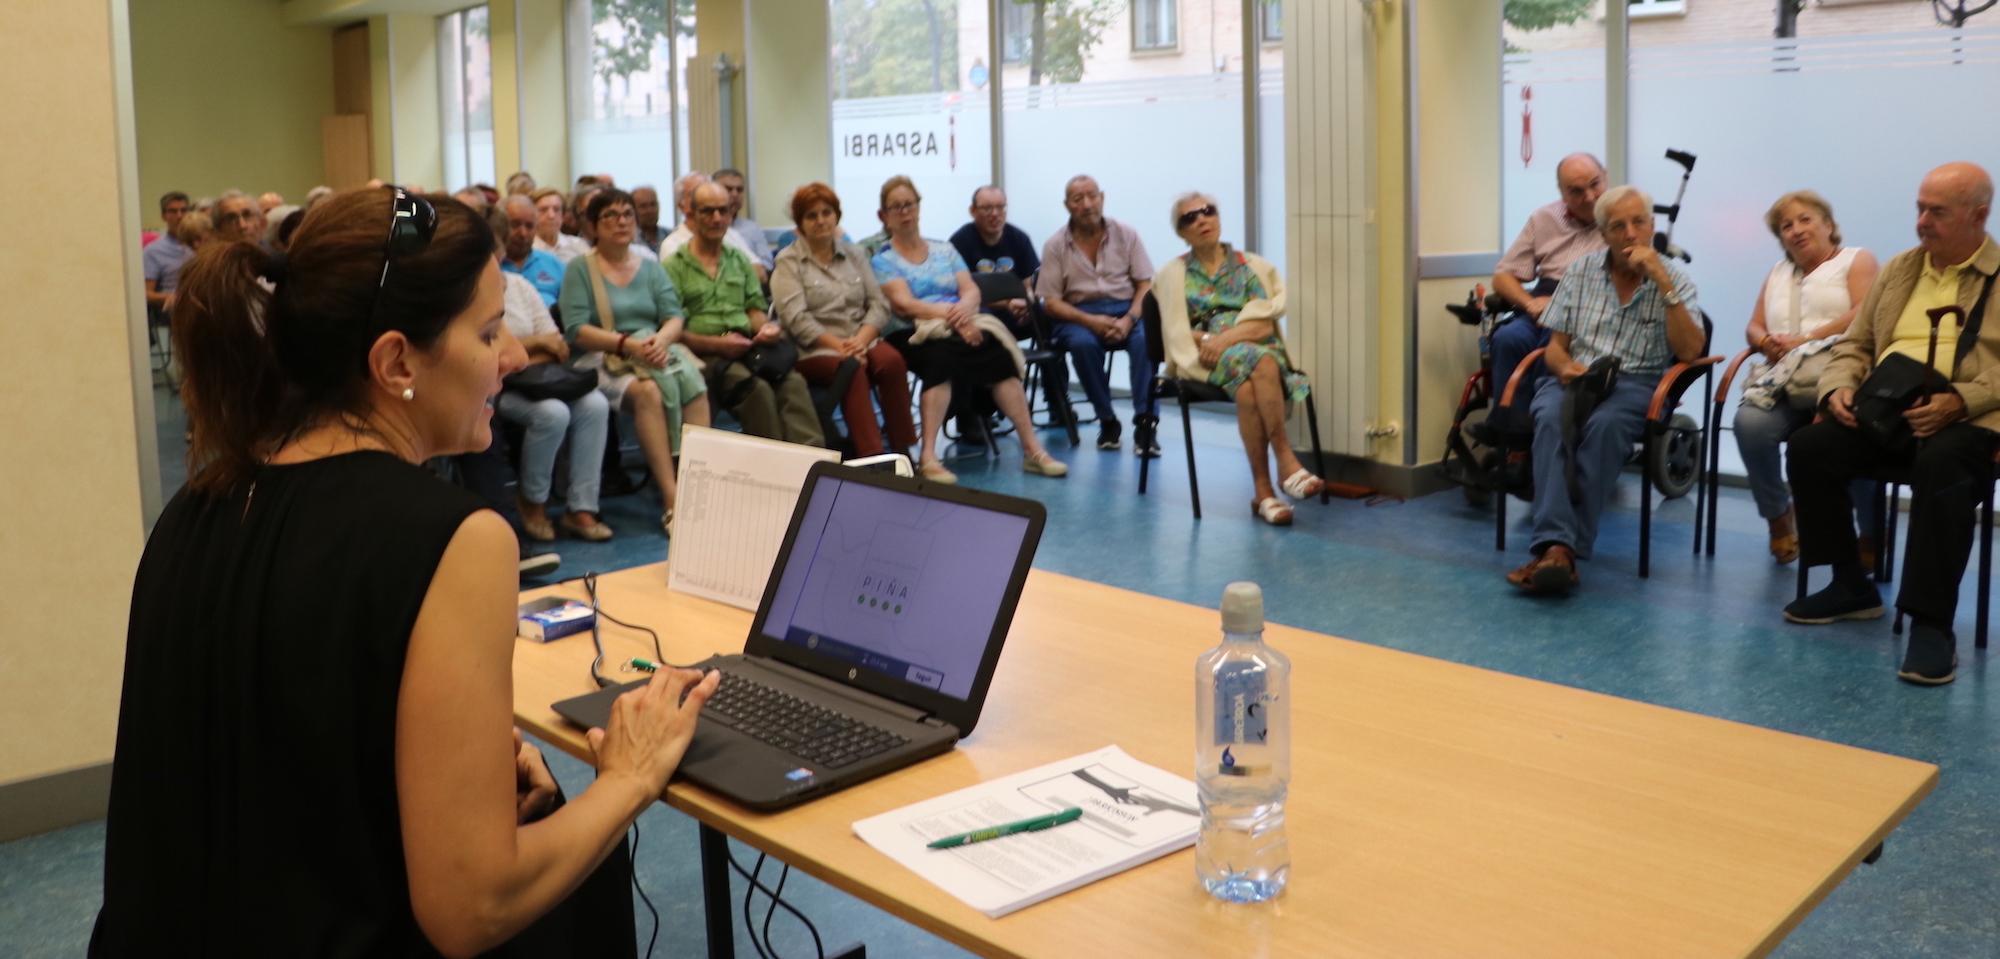 Conferencia Estimulación Cognitiva ASPARBI